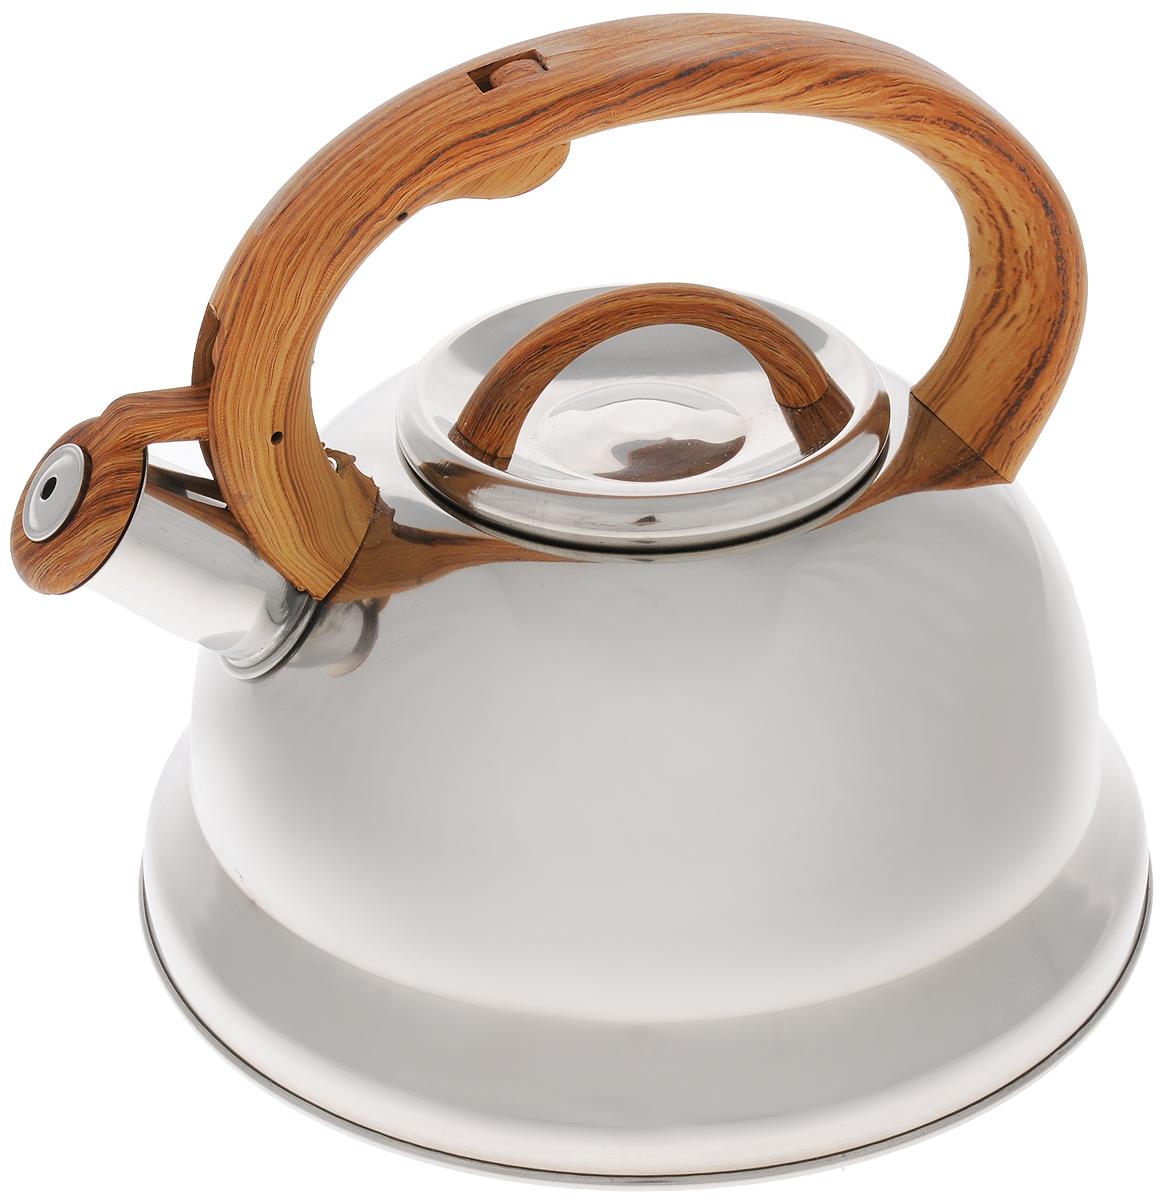 Чайник Mayer & Boch, со свистком, цвет: серебристый, коричневый, 3 л. 25745391602Чайник Mayer & Boch выполнен из долговечной и прочной нержавеющей стали, что делает его весьма гигиеничным и устойчивым к износу при длительном использовании. Гладкая и ровная поверхность существенно облегчает уход за посудой. Выполненный из качественных материалов чайник при кипячении сохраняет все полезные свойства воды. Изделие оснащено свистком, благодаря которому вы можете не беспокоиться о том, что закипевшая вода зальет плиту. Как только вода закипит - свисток оповестит вас об этом. Фиксированная ручка, изготовленная из пластика, делает использование чайника очень удобным и безопасным и отлично впишется в интерьер любой кухни.Подходит для всех типов плит, кроме индукционных. Можно мыть в посудомоечной машине..Высота чайника (с учетом ручки и крышки): 20 см. Диаметр основания: 22 см.Диаметр (по верхнему краю): 10 см.